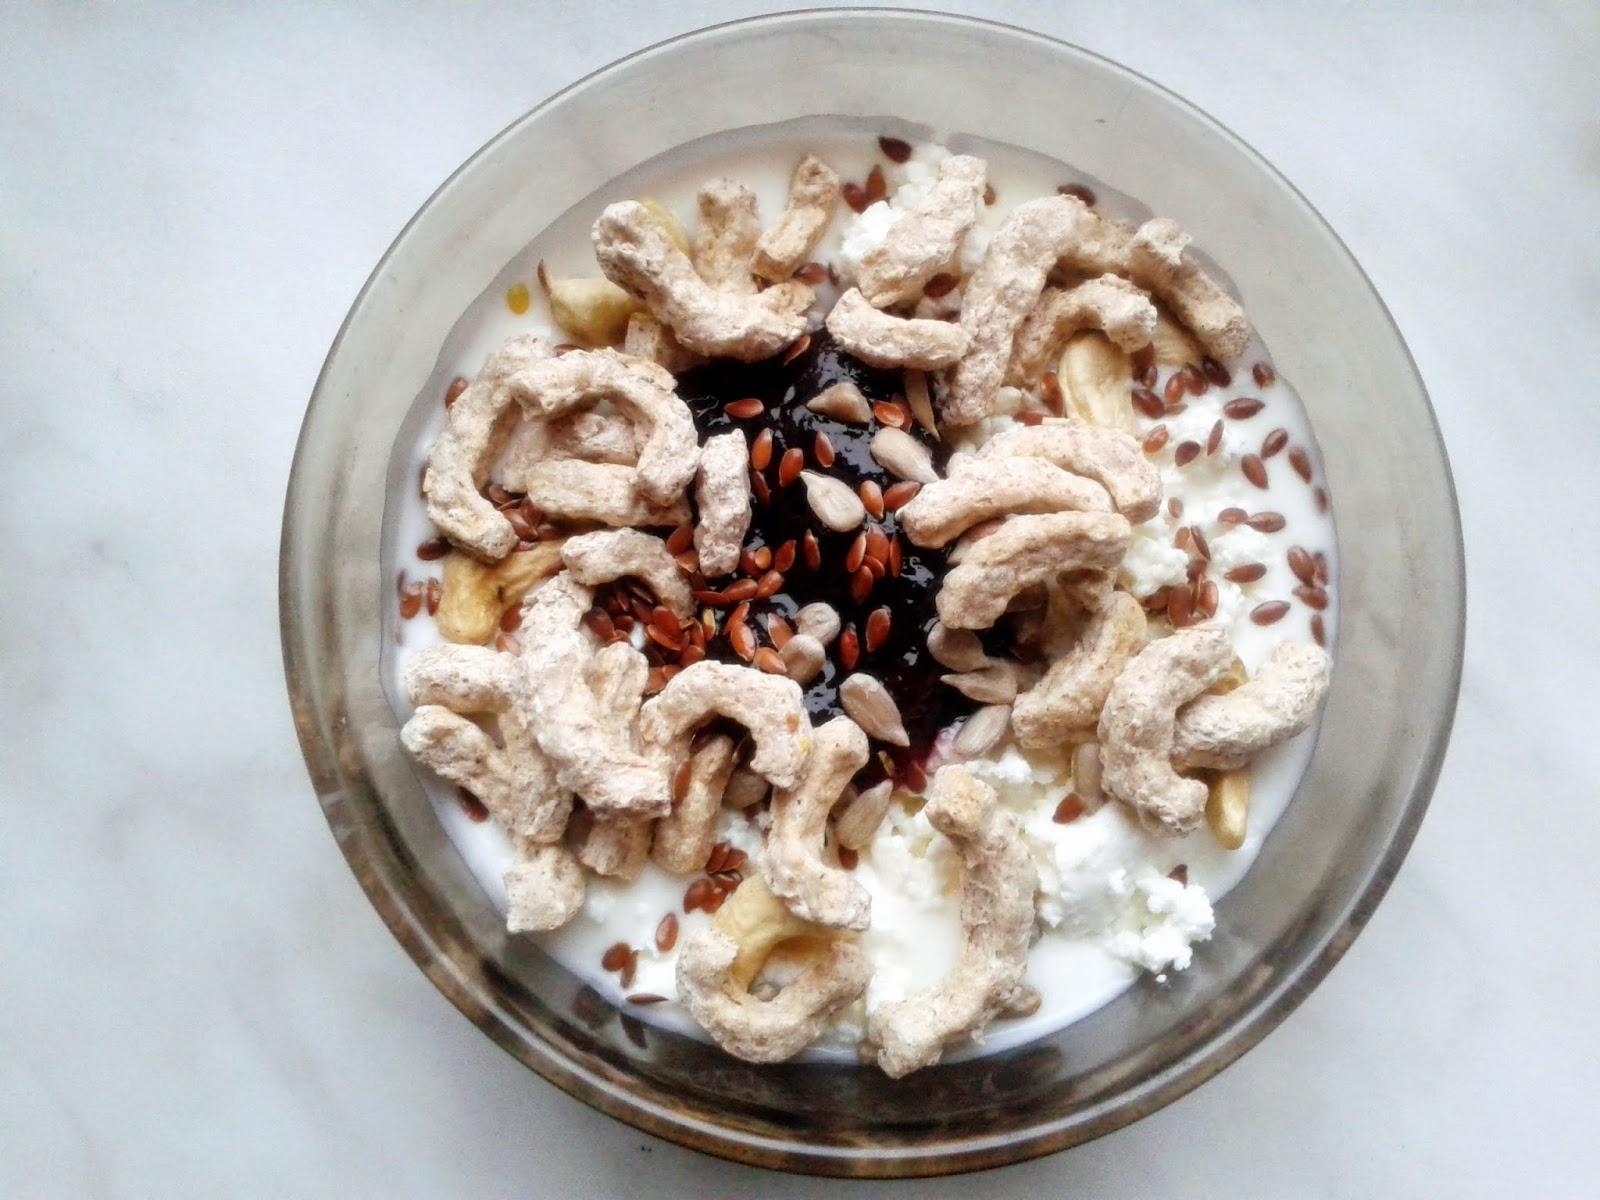 Jogurt naturalny z dodatkiem dżemu, błonnika, siemienia lnianego